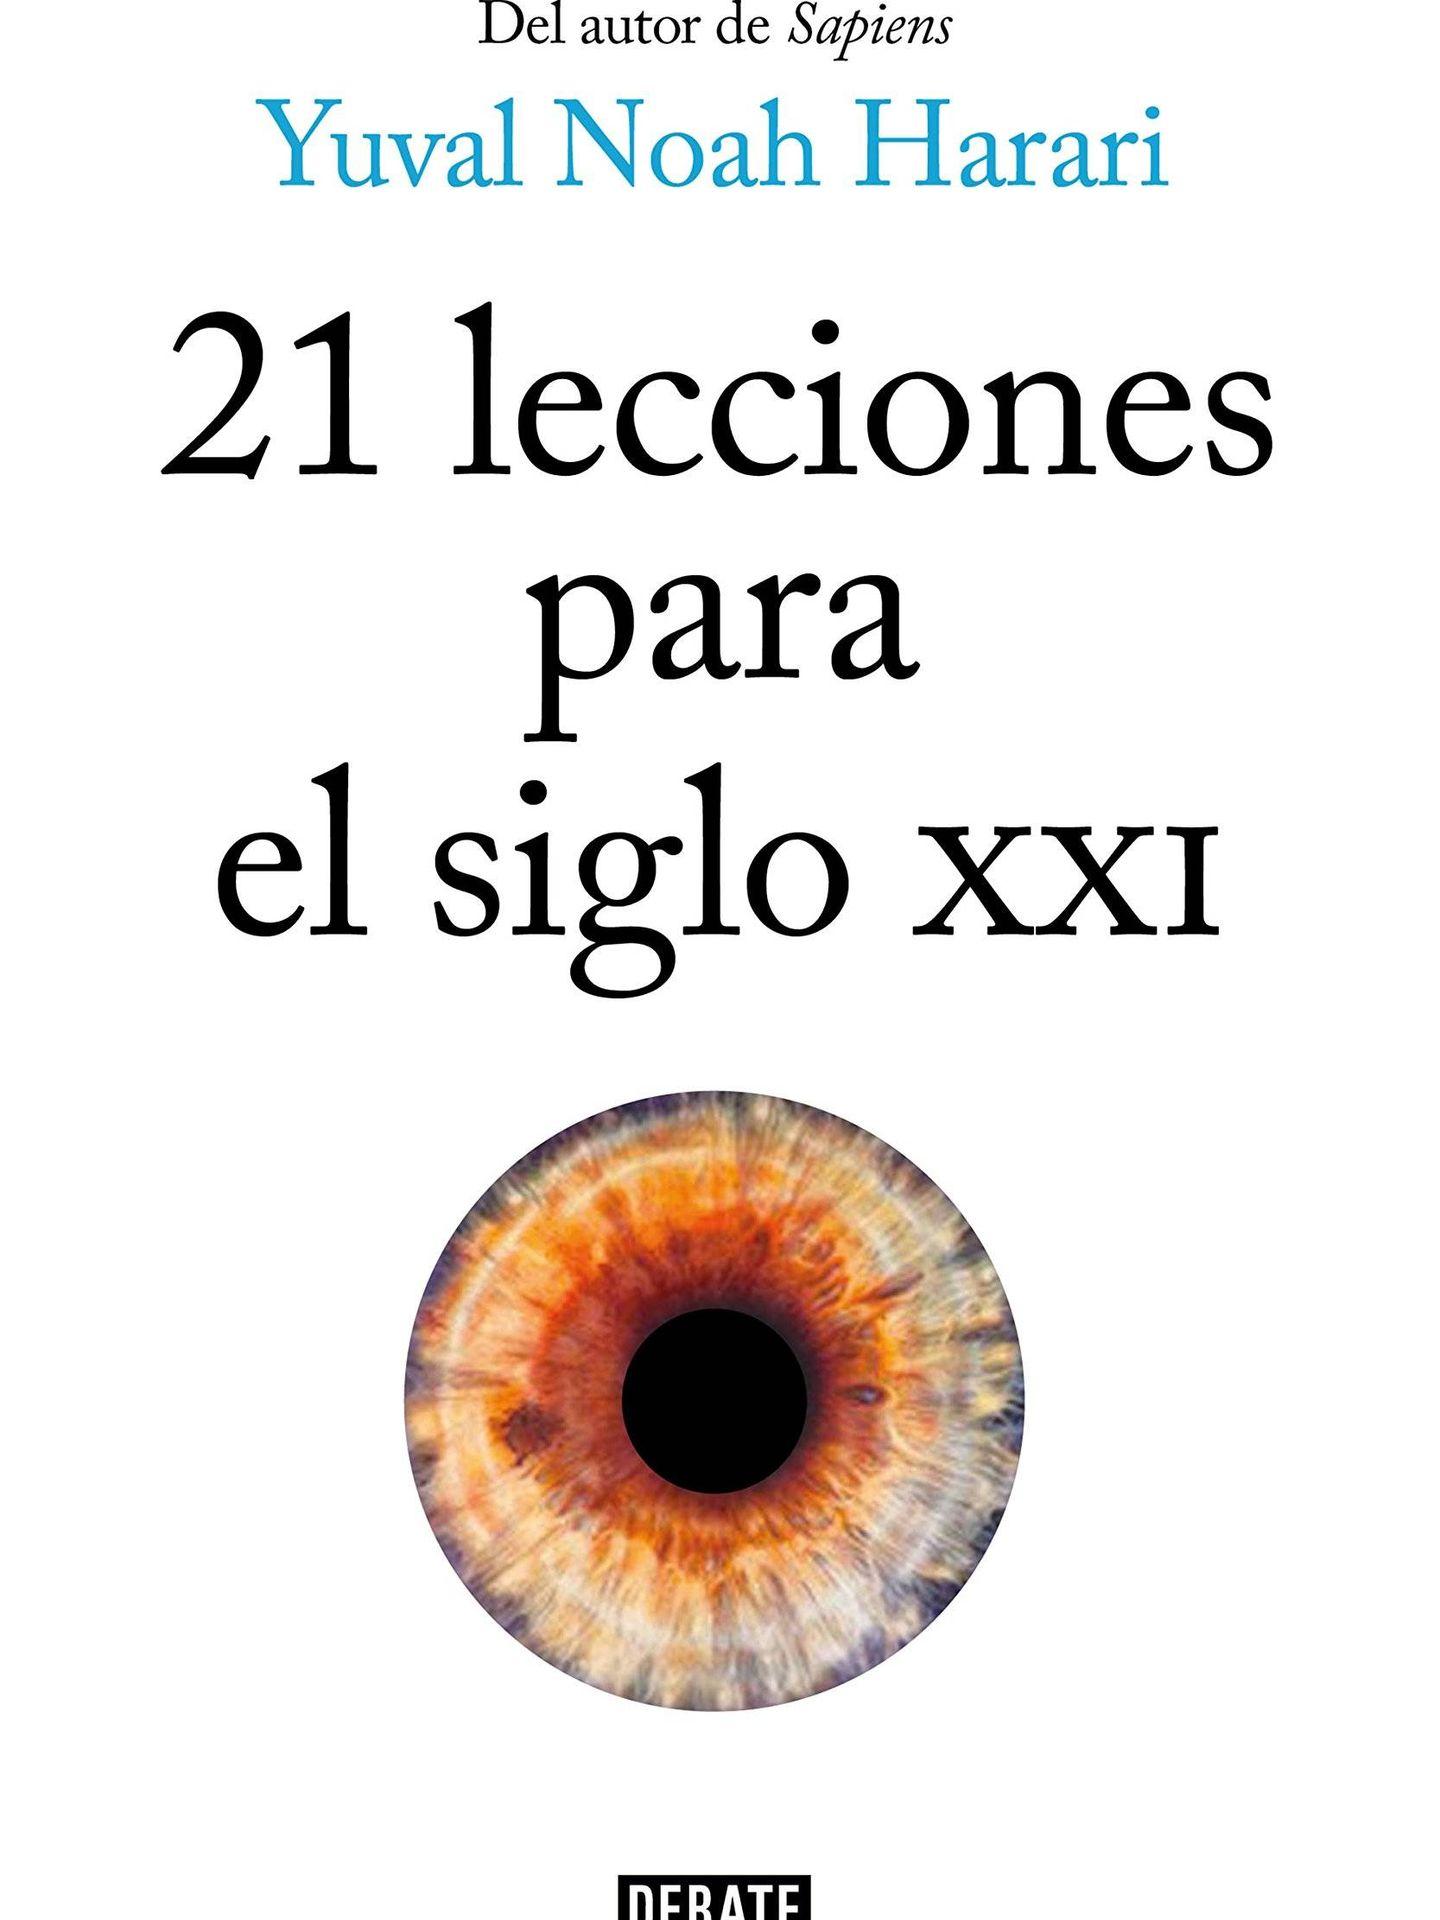 '21 lecciones' (Debate).